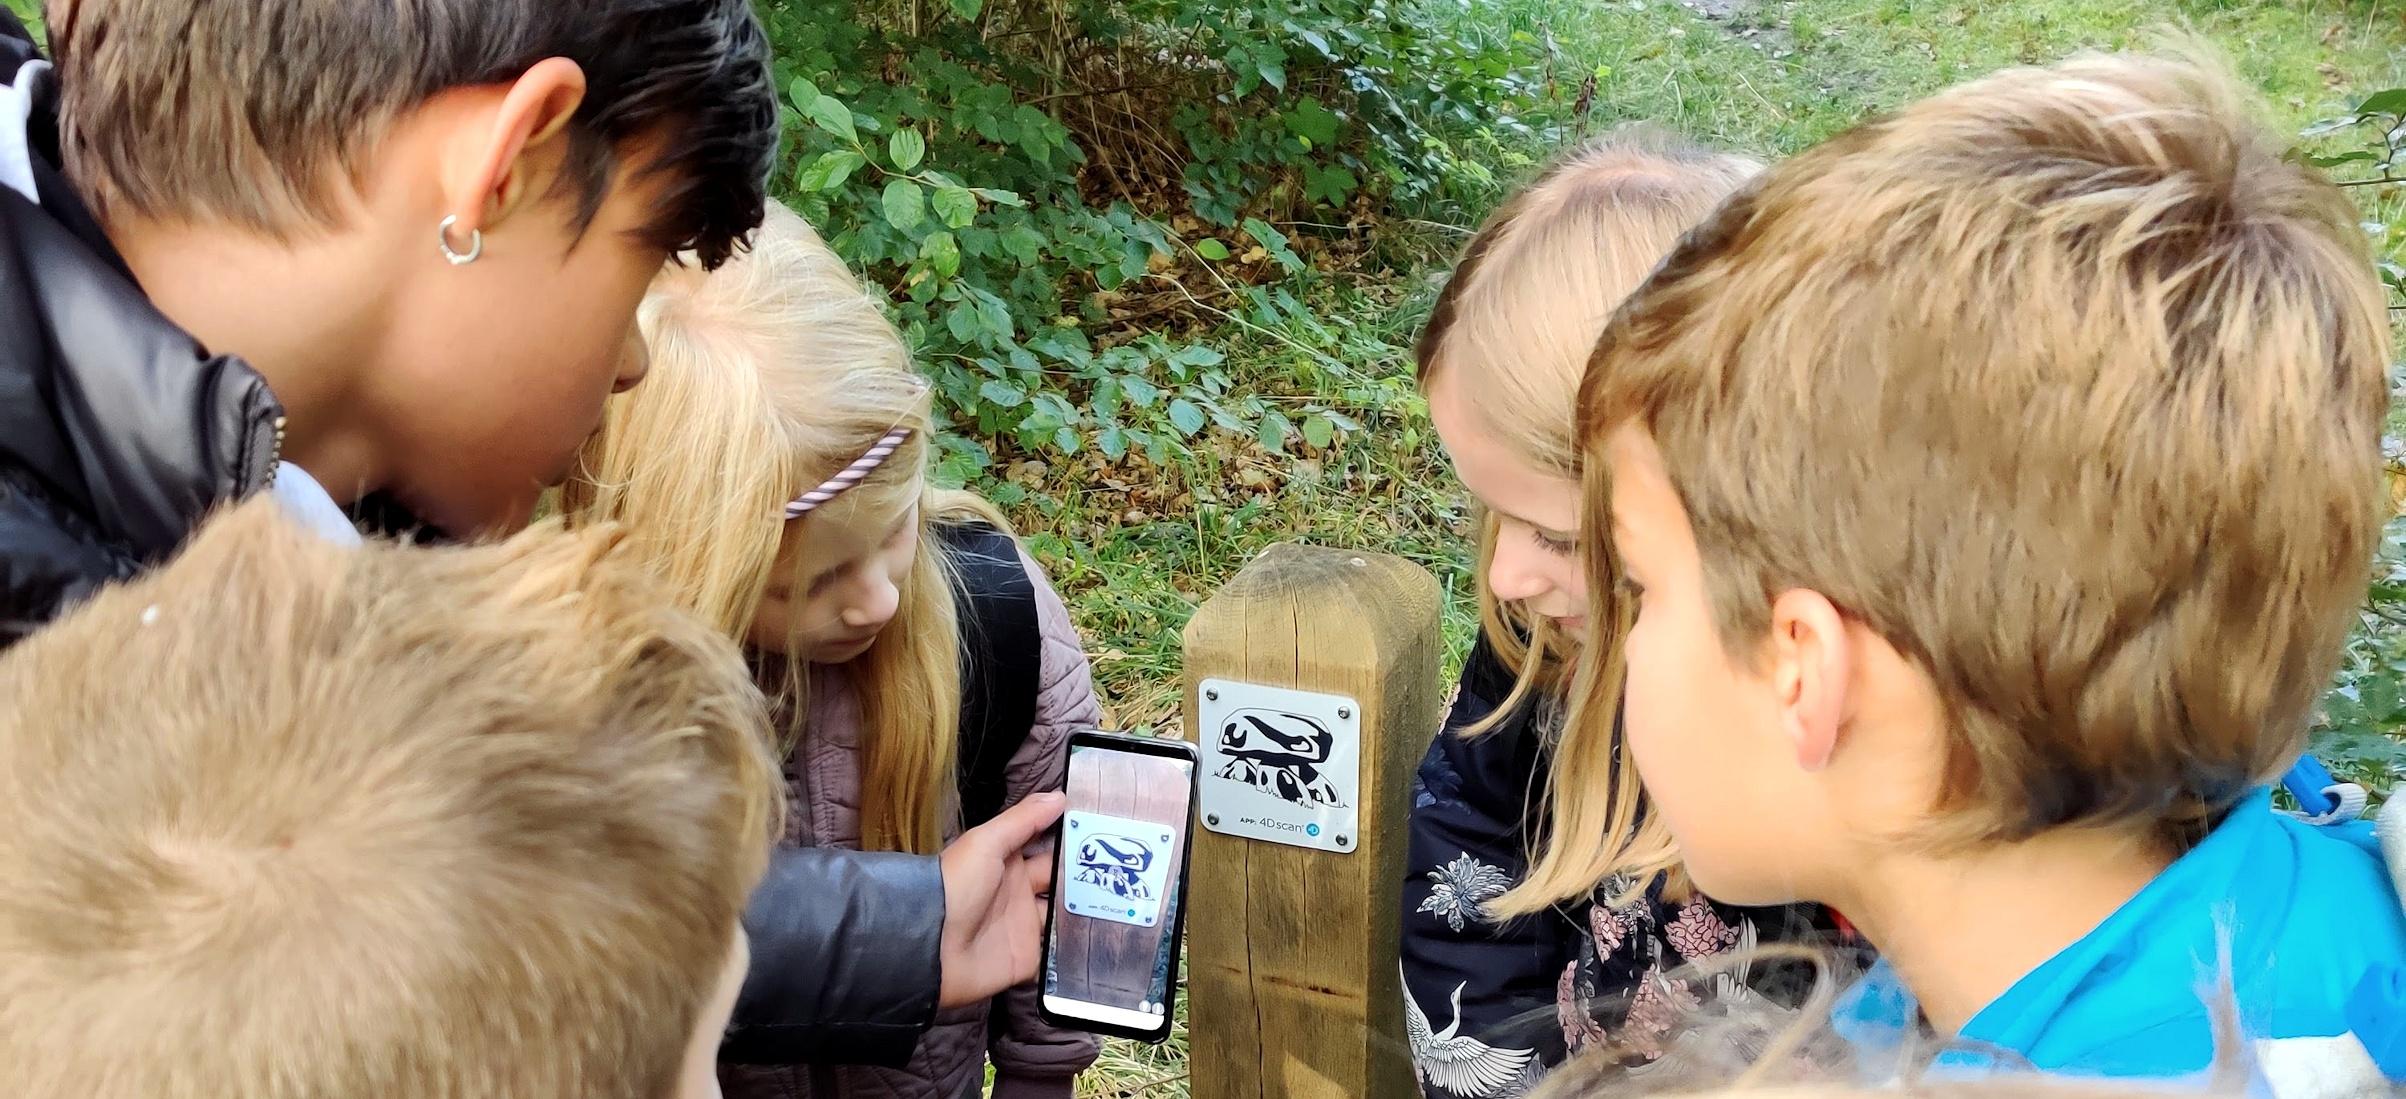 Jæger/samler med smartteknologi – om naturoplevelser, læring og moderne teknologi